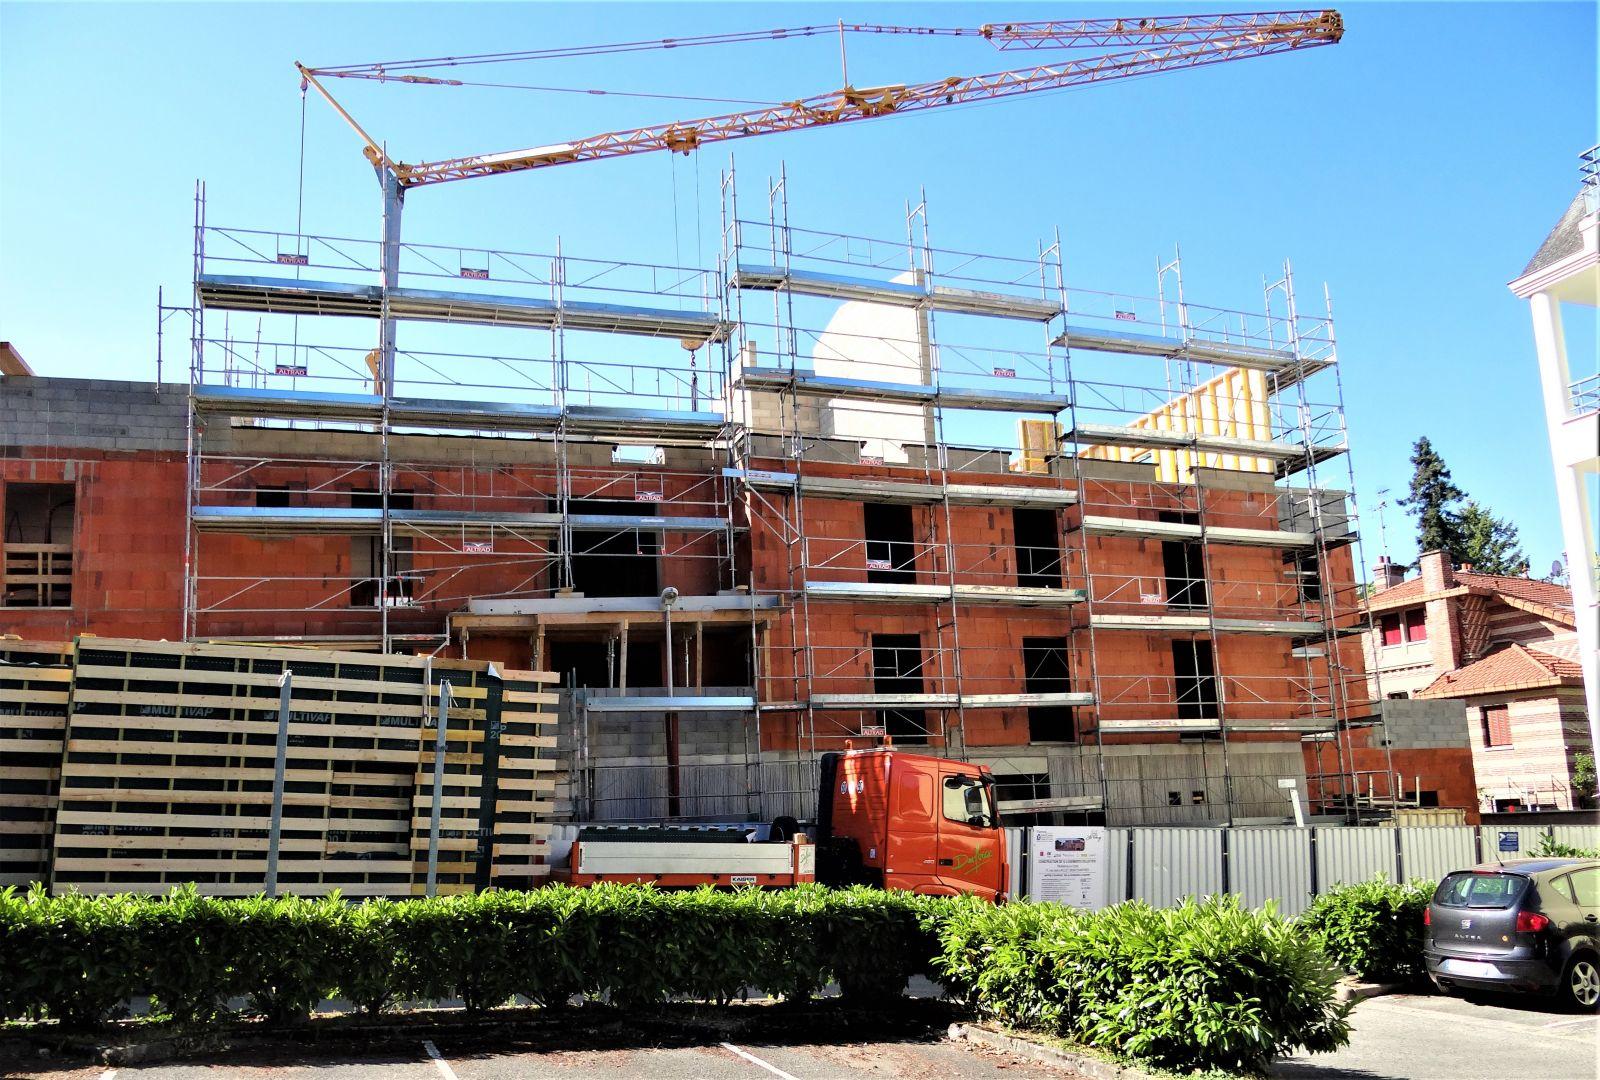 Beton De Synthese Avis une résidence exemplaire utilise 80 tonnes de béton recyclé